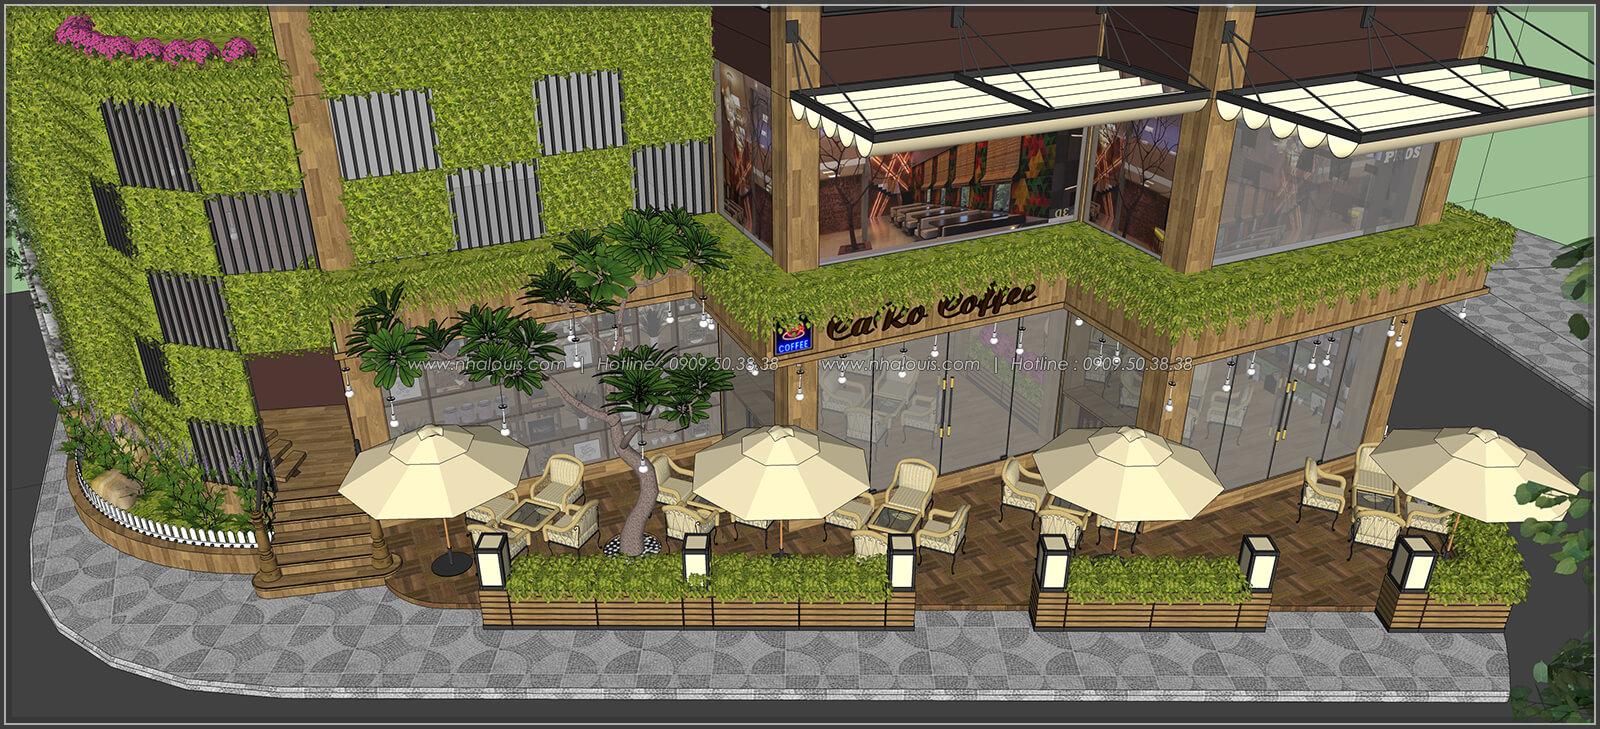 Mặt tiền thiết kế quán cafe đẹp không gian xanh sang trọng ở Bình Dương - 4